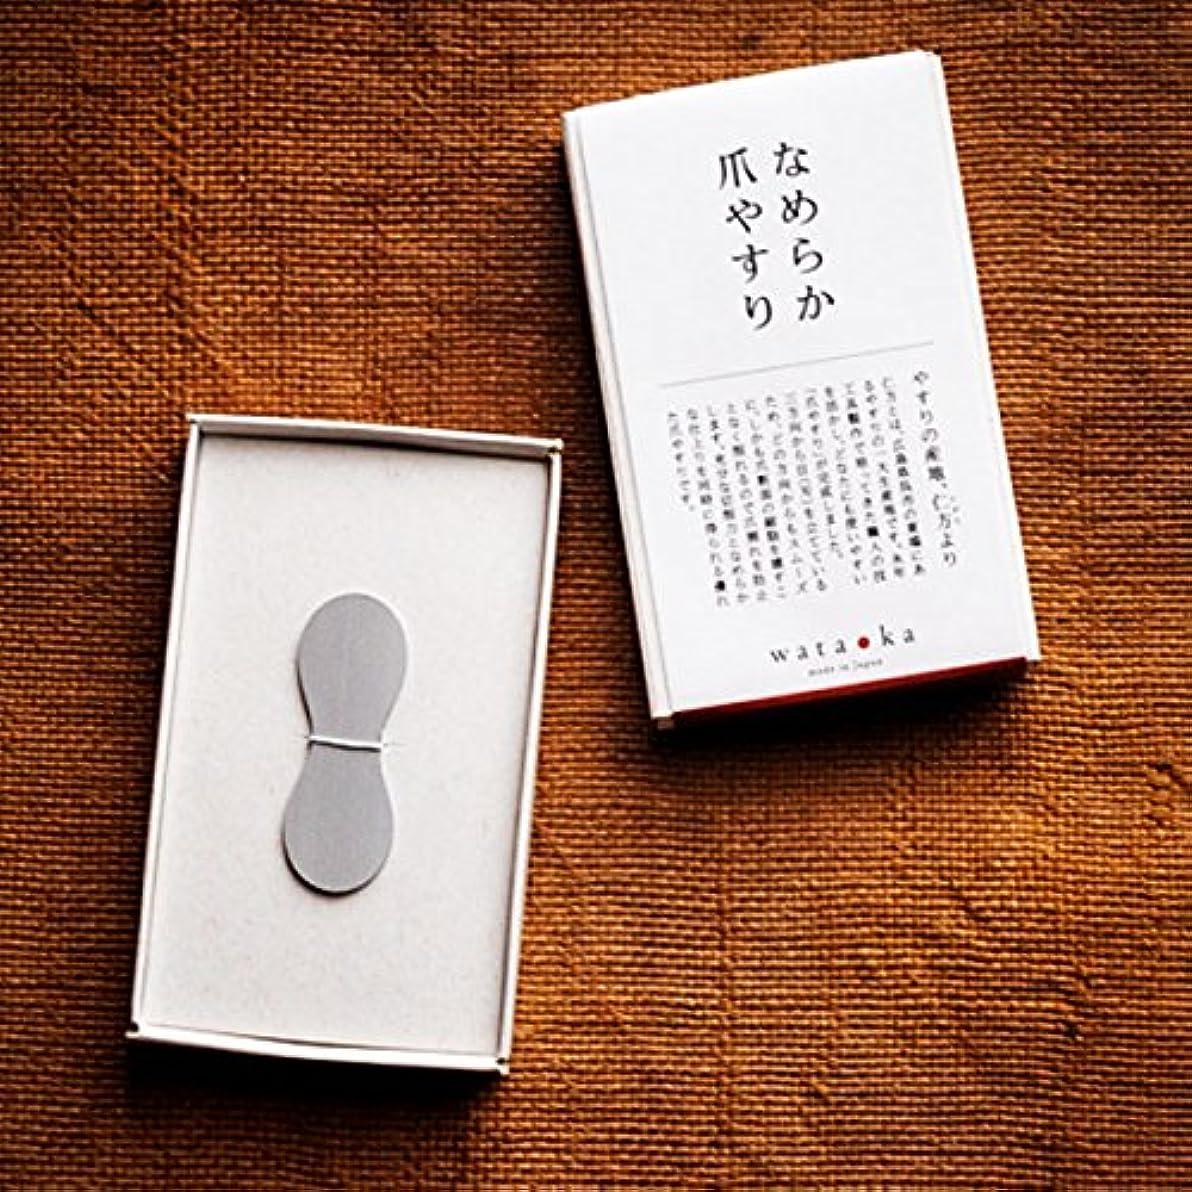 メンテナンス遠足楕円形wataoka 鑢のワタオカ 爪やすり (専用パッケージ入り)